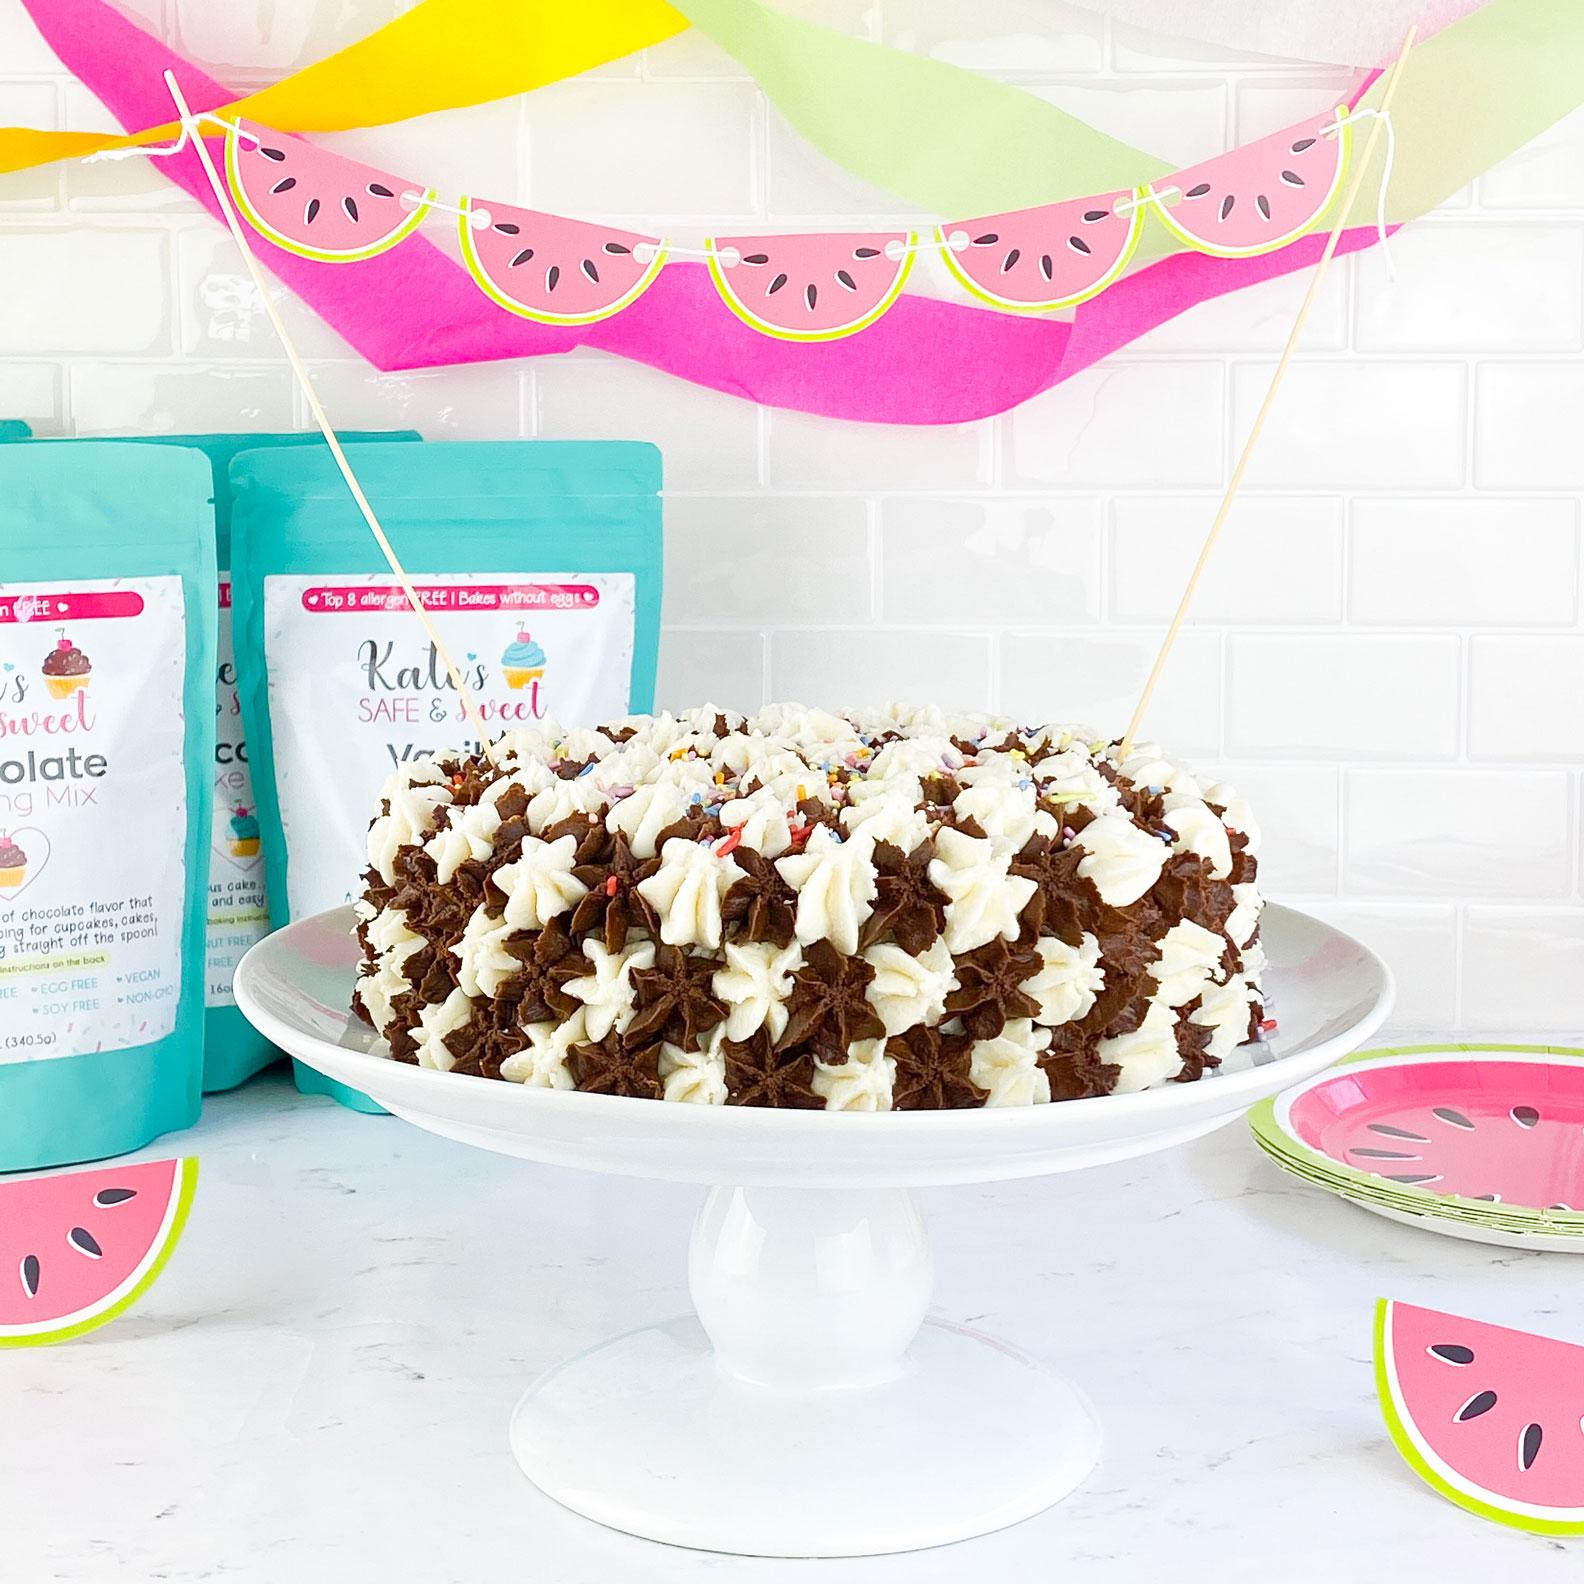 Kate's-Safe-&-Sweet---Summer-Baking-Box-Cake